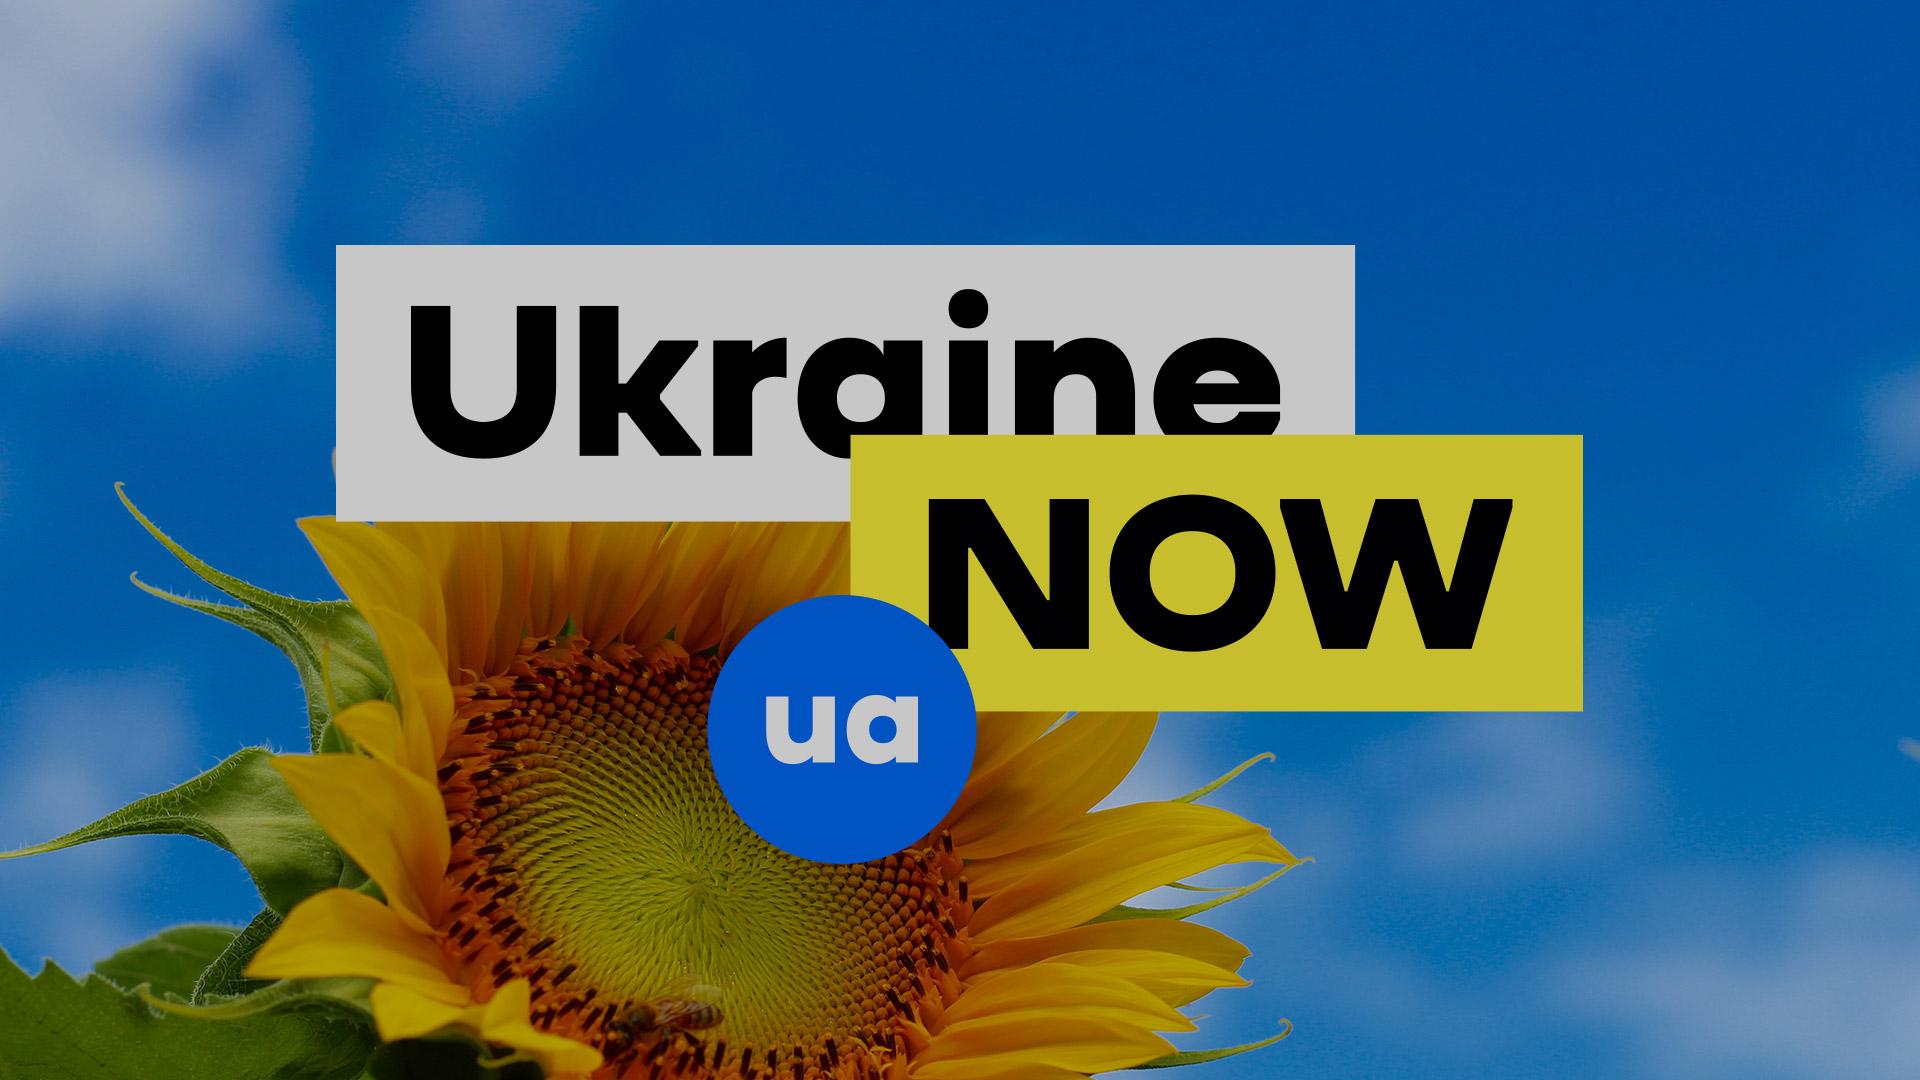 Ukraine NOW